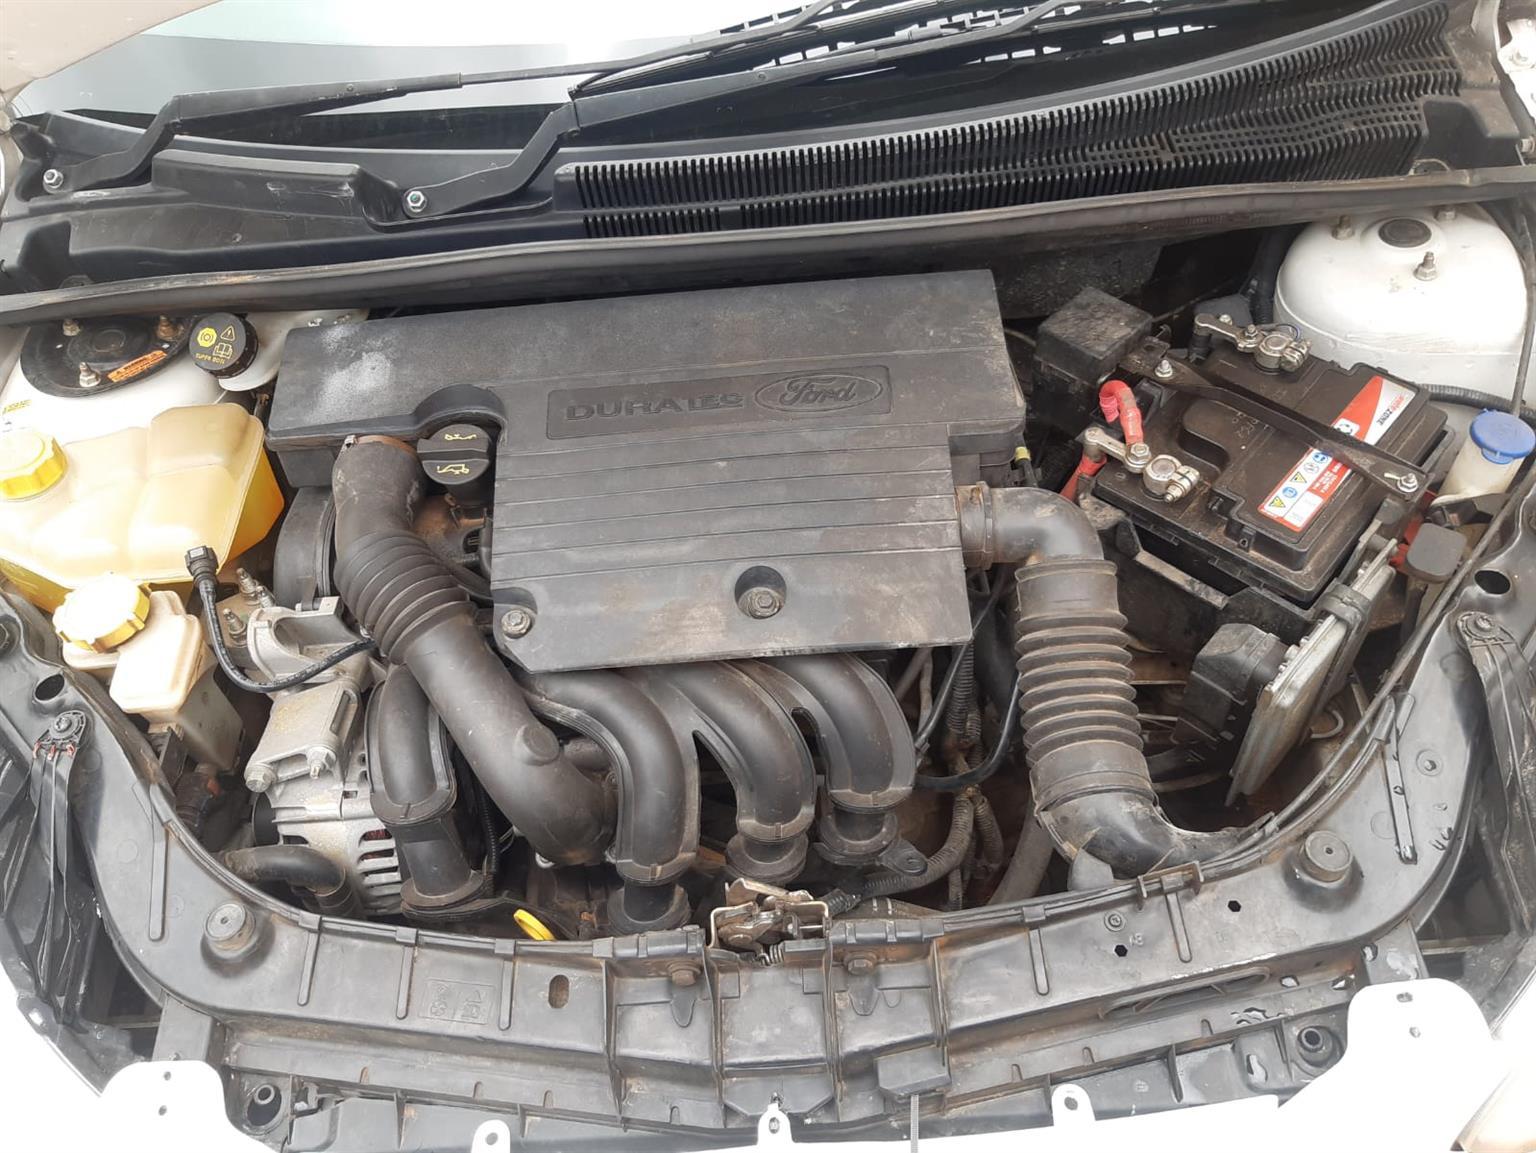 2015 Ford Figo hatch FIGO 1.5Ti VCT AMBIENTE (5DR)